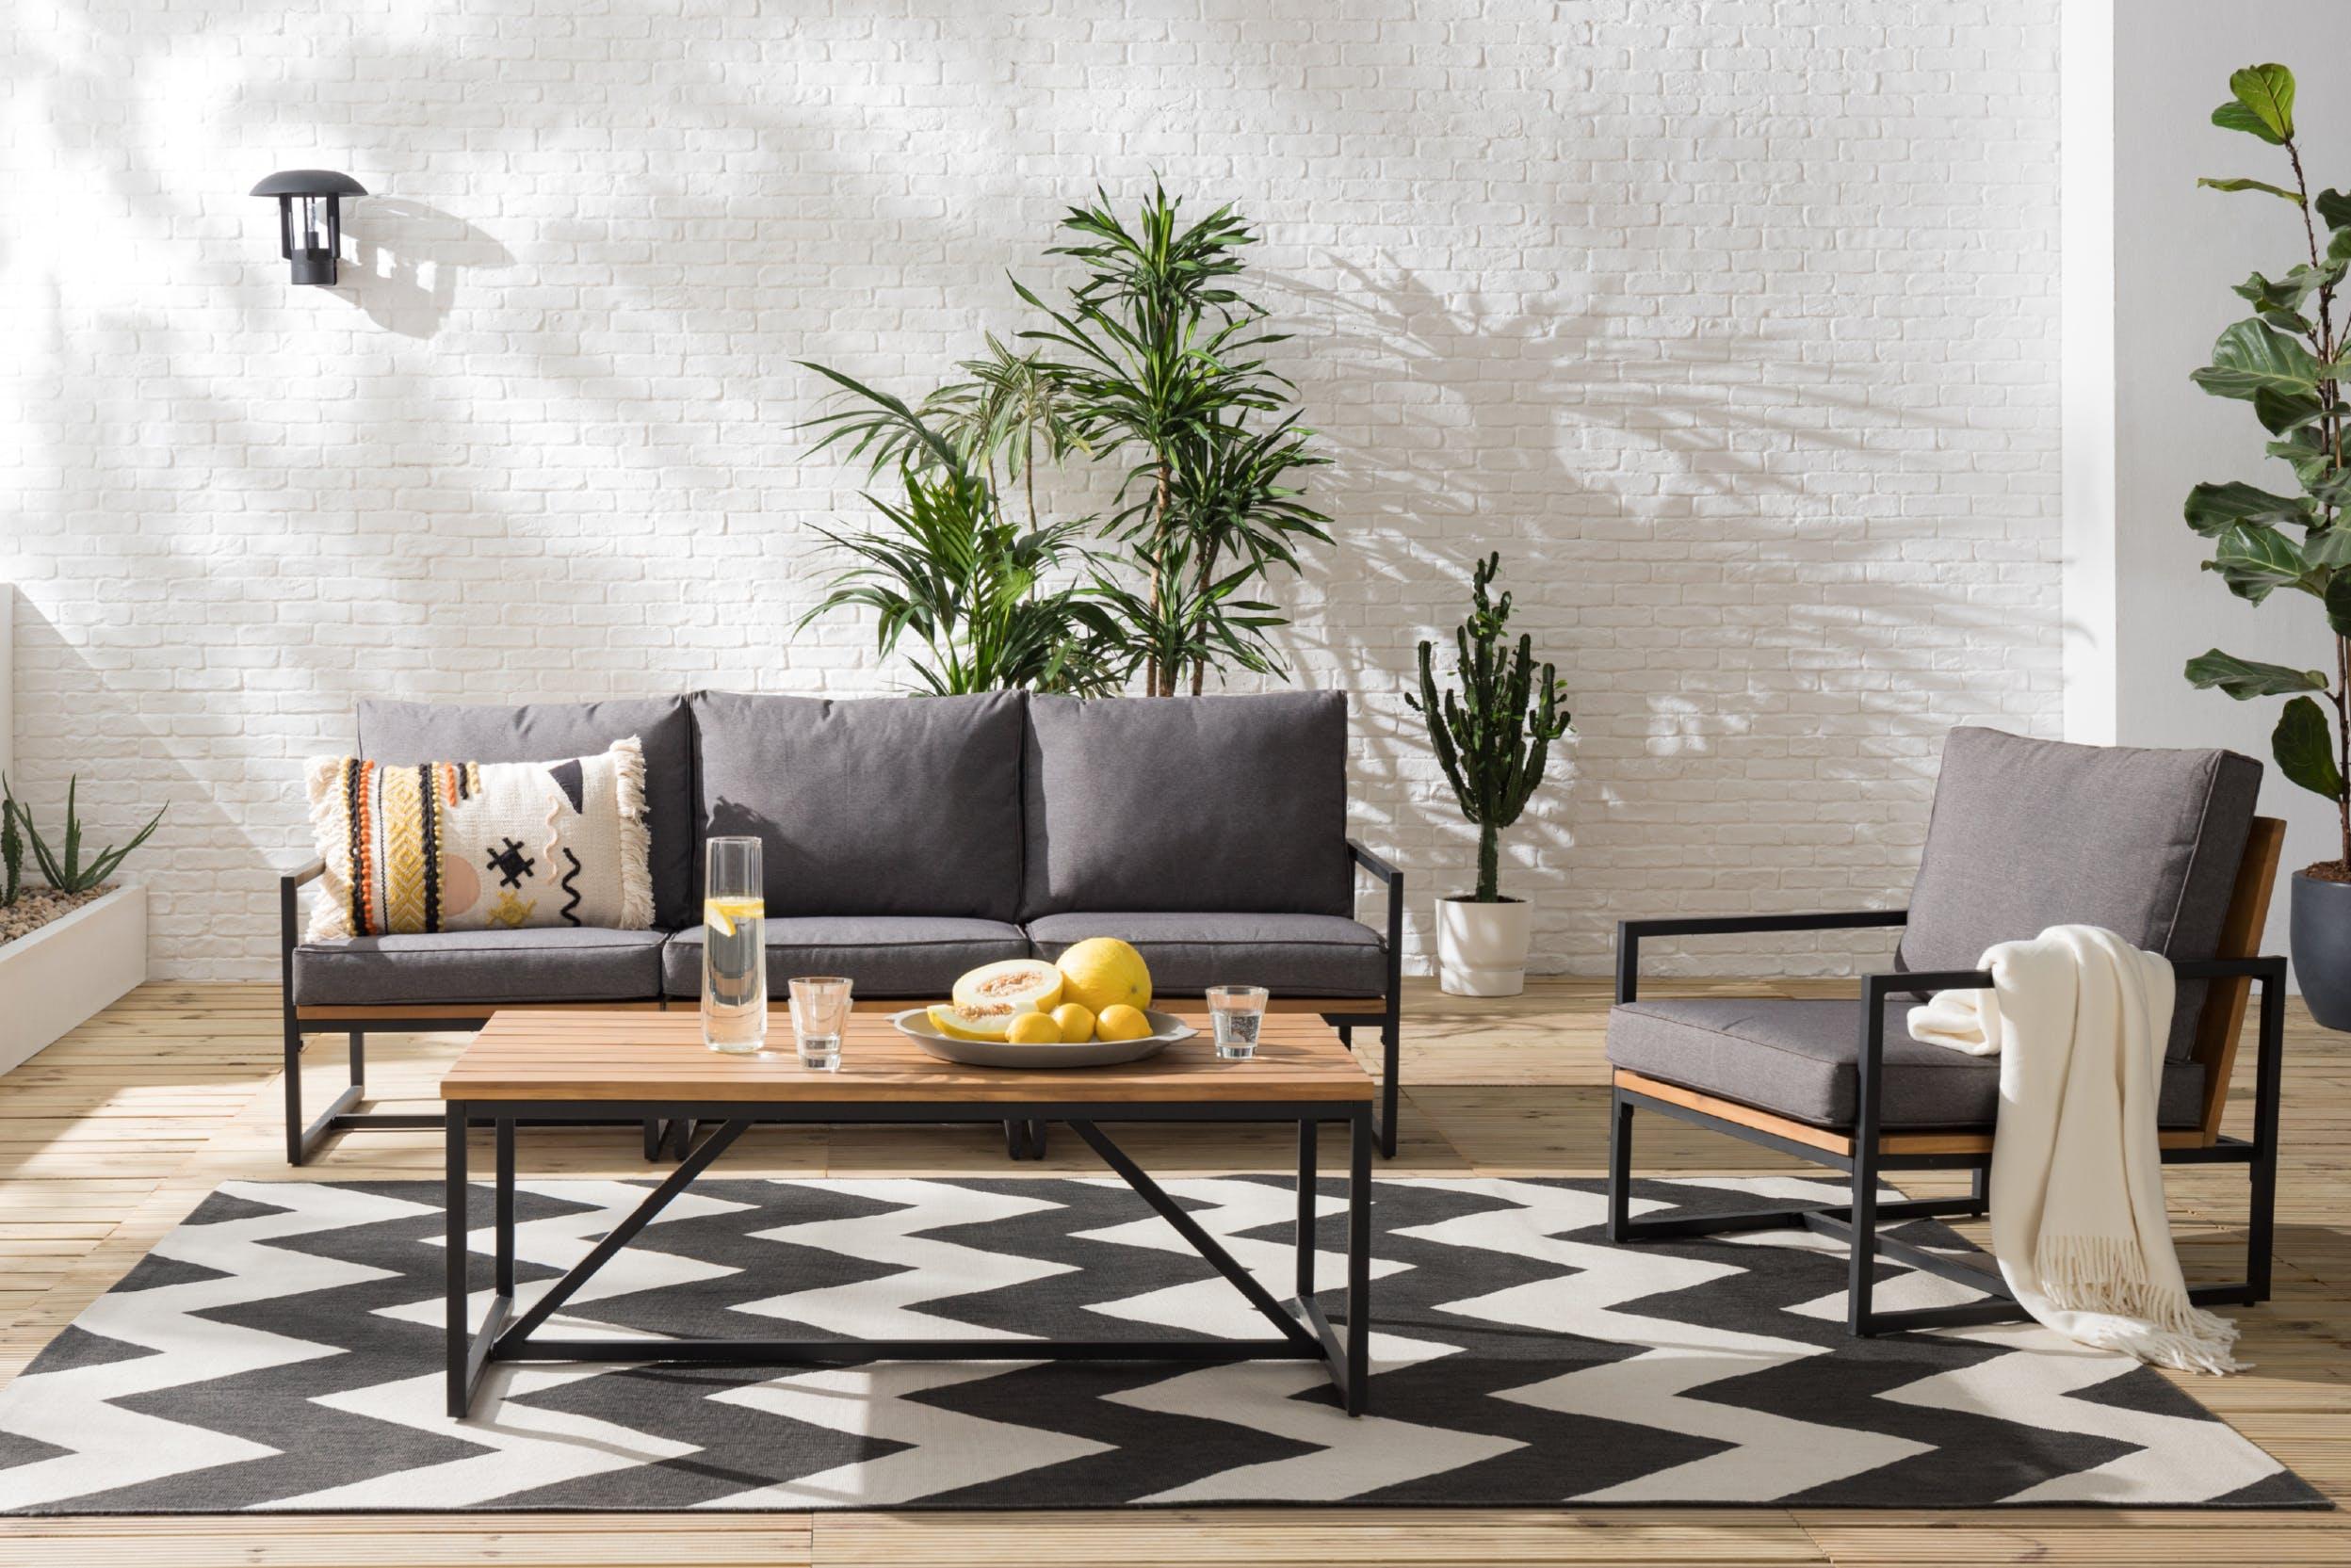 Lounge-möbel aus metall